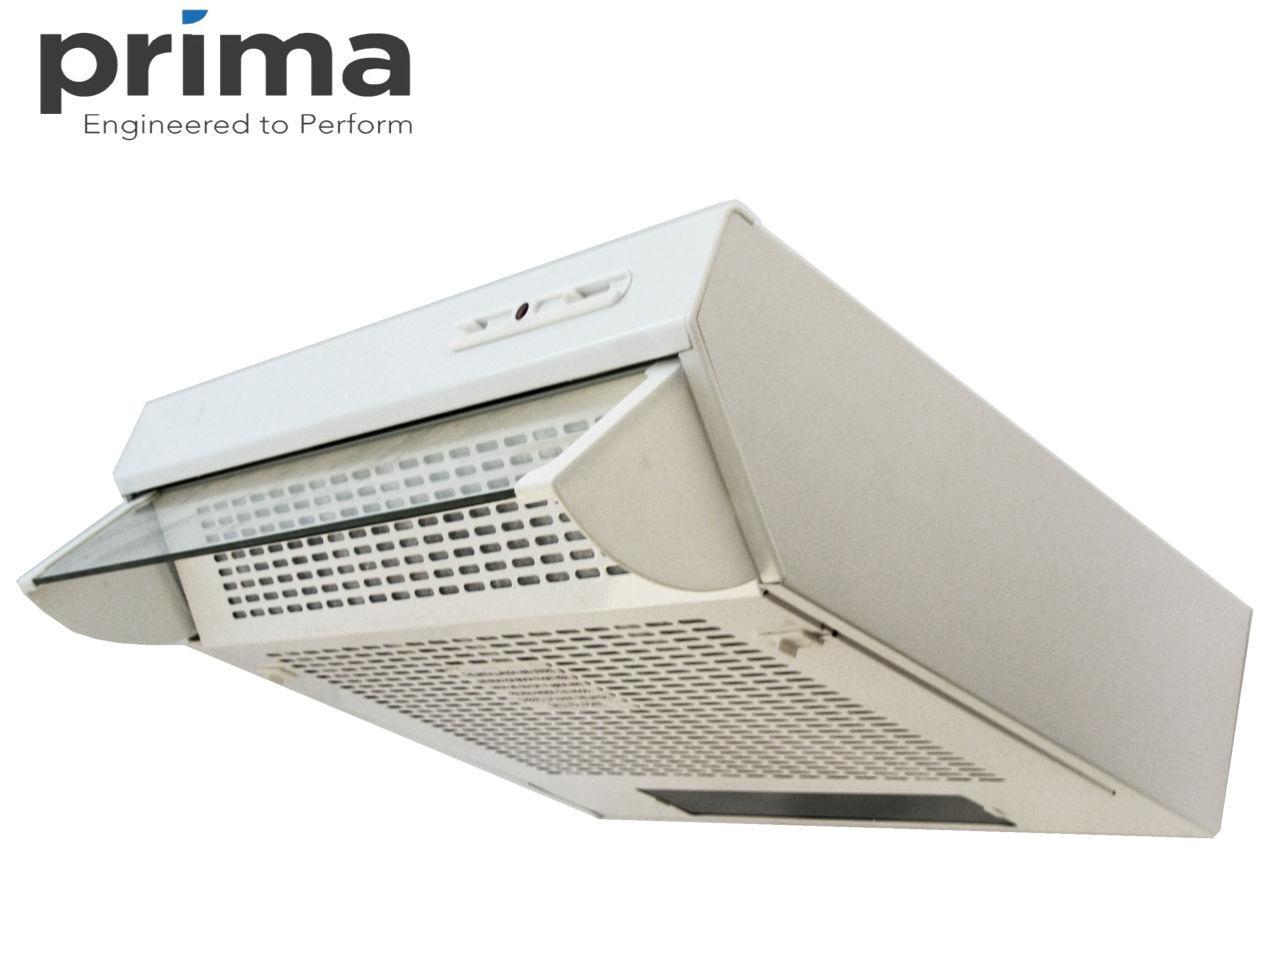 PRIMA LIA110